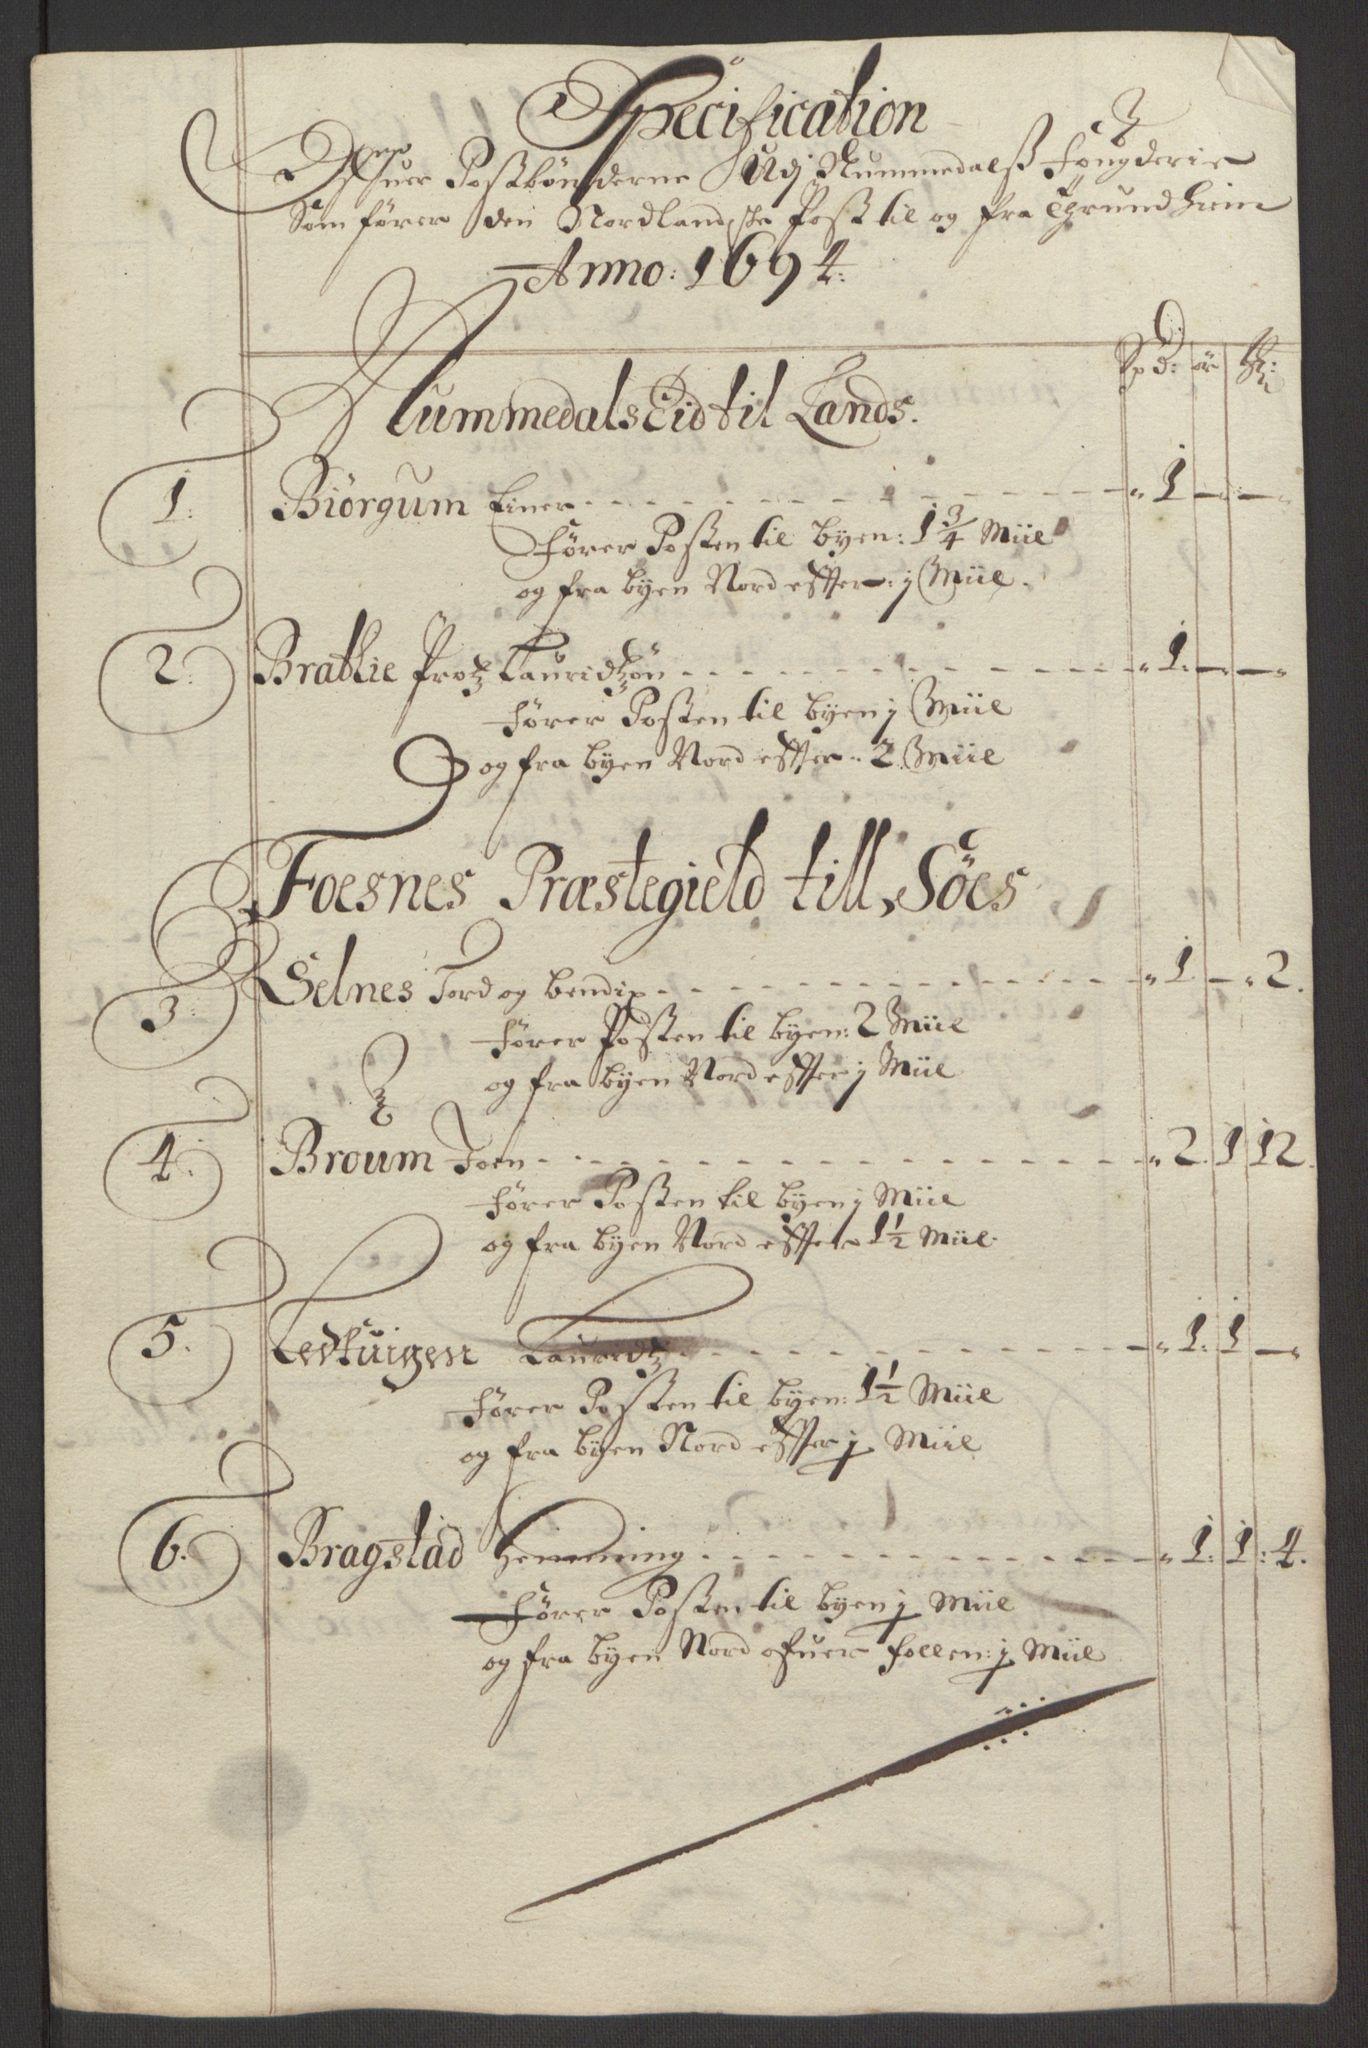 RA, Rentekammeret inntil 1814, Reviderte regnskaper, Fogderegnskap, R64/L4424: Fogderegnskap Namdal, 1692-1695, s. 419